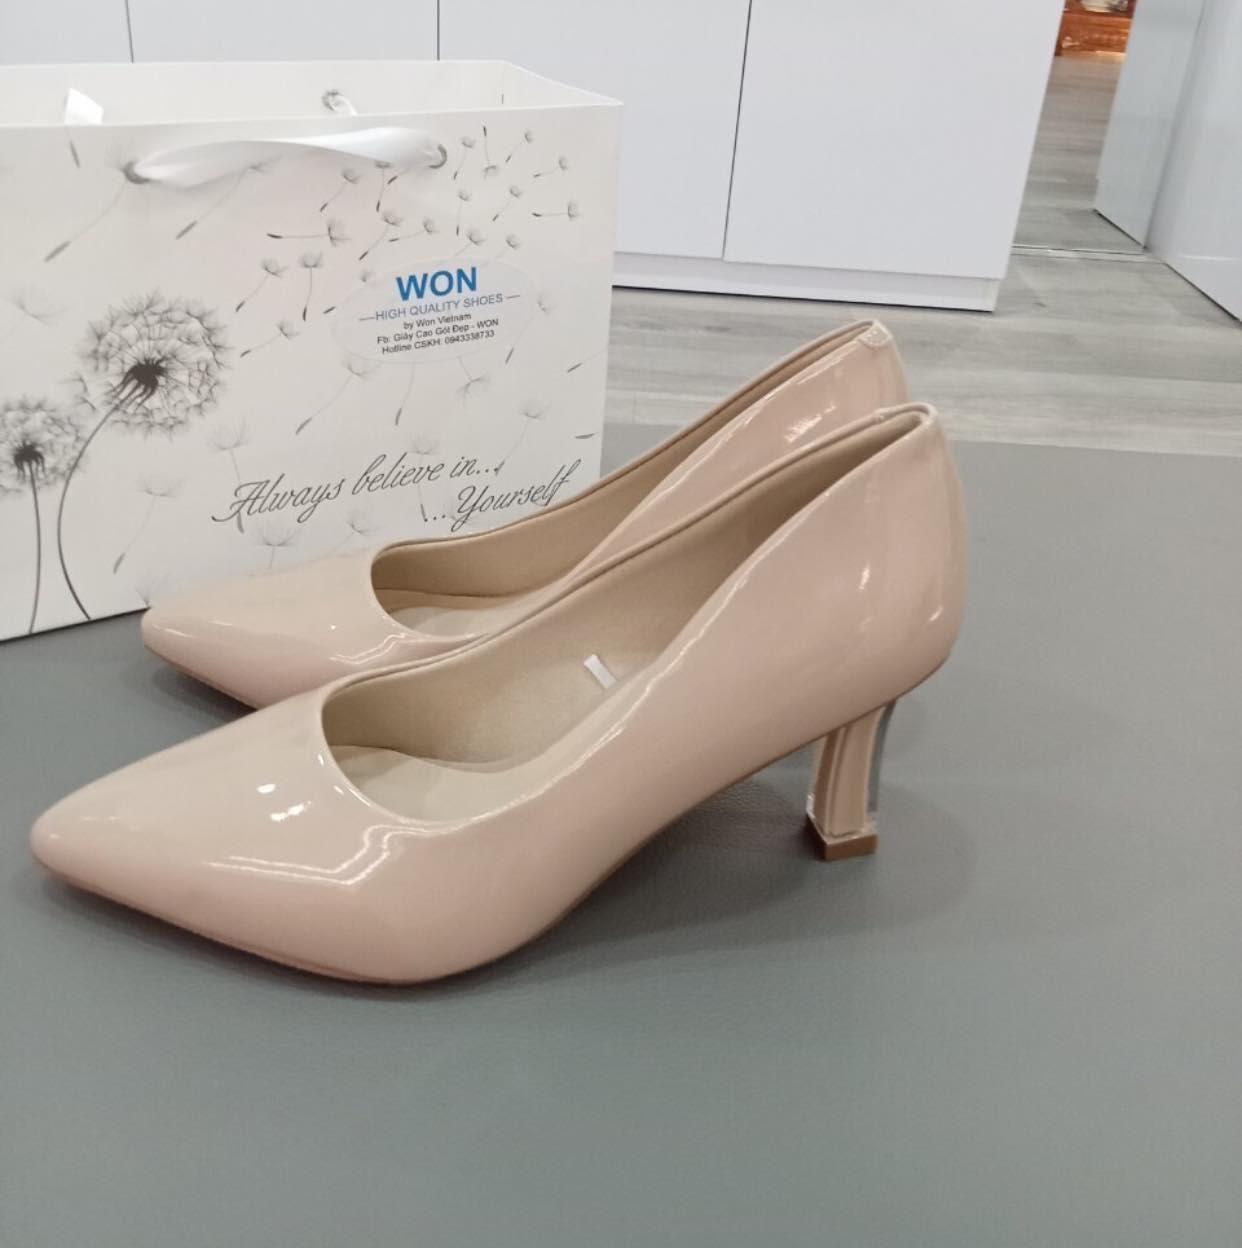 Có thể là hình ảnh về giày cao gót và hoa